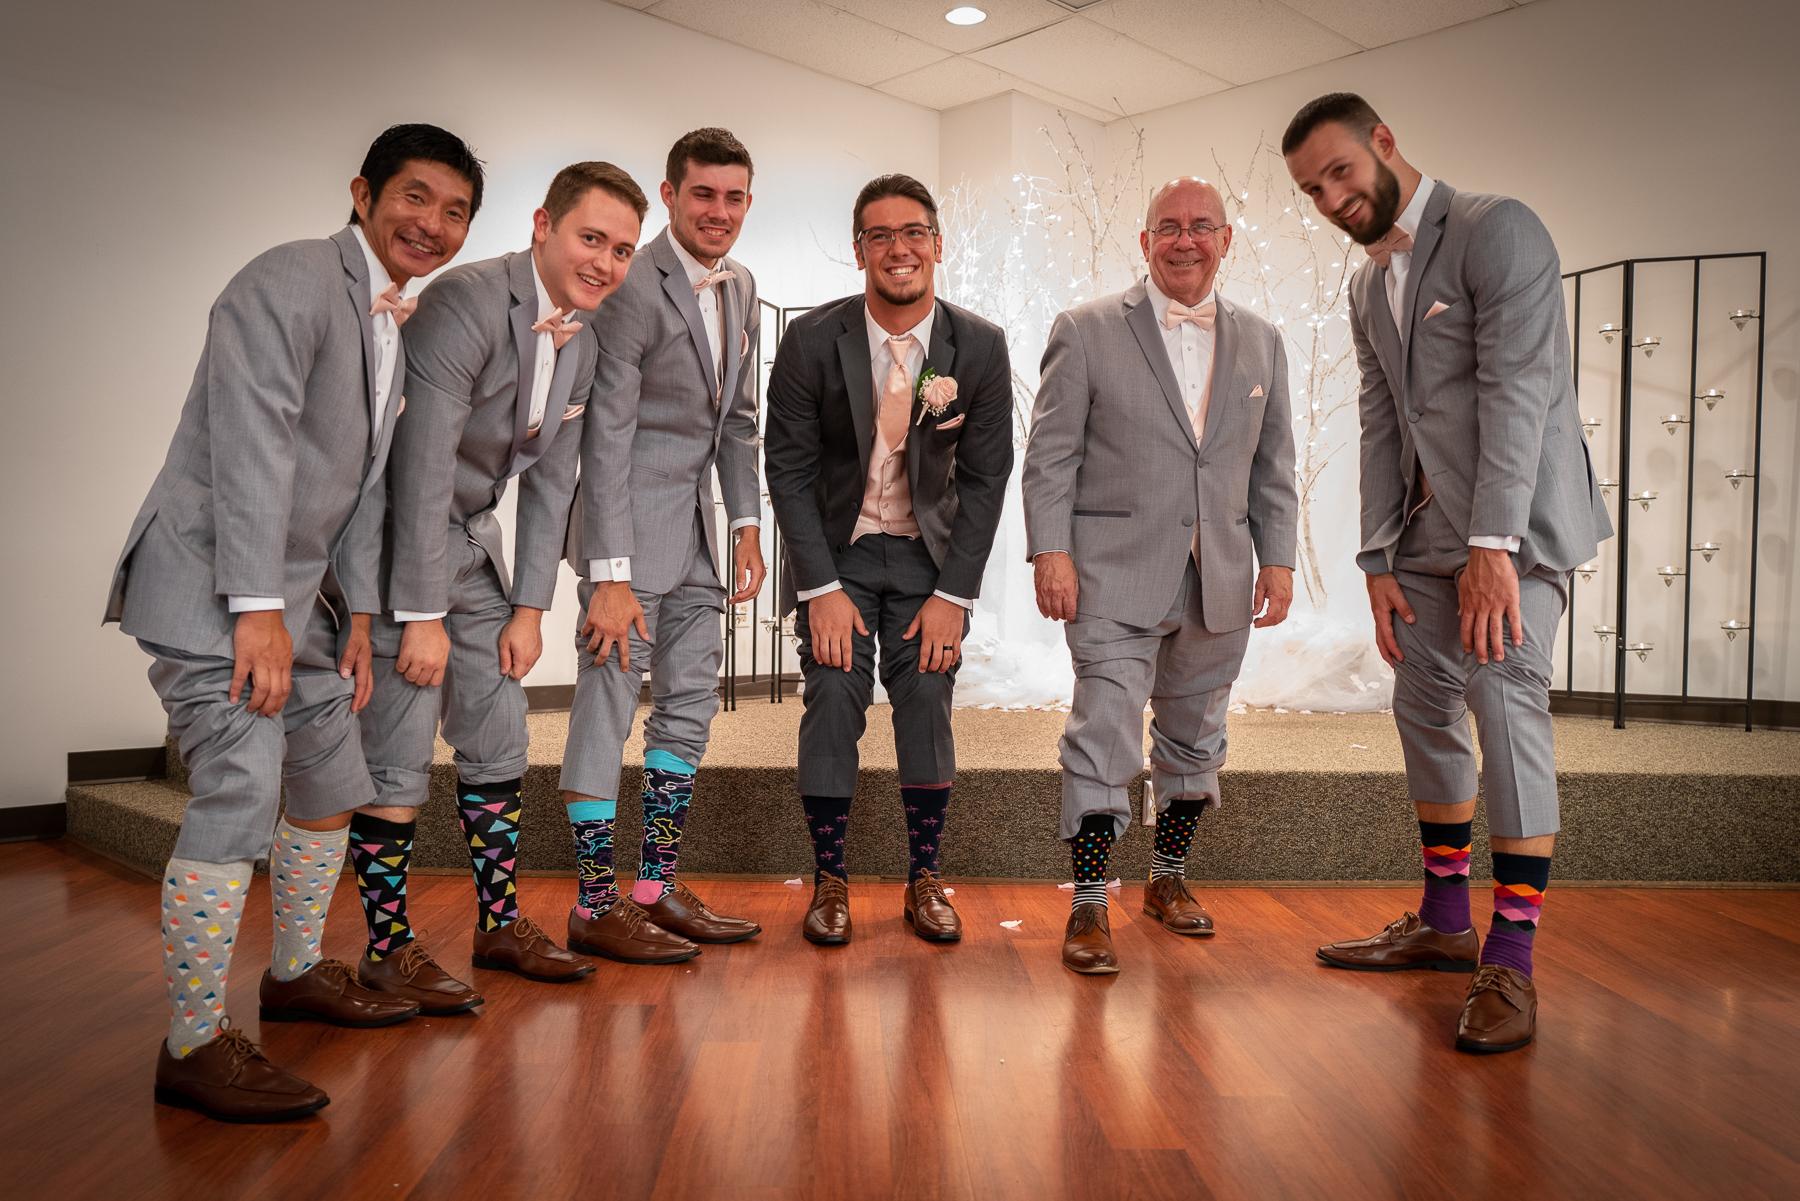 jadah-isaiah-bridesmaids-groomsmen-15.jpg